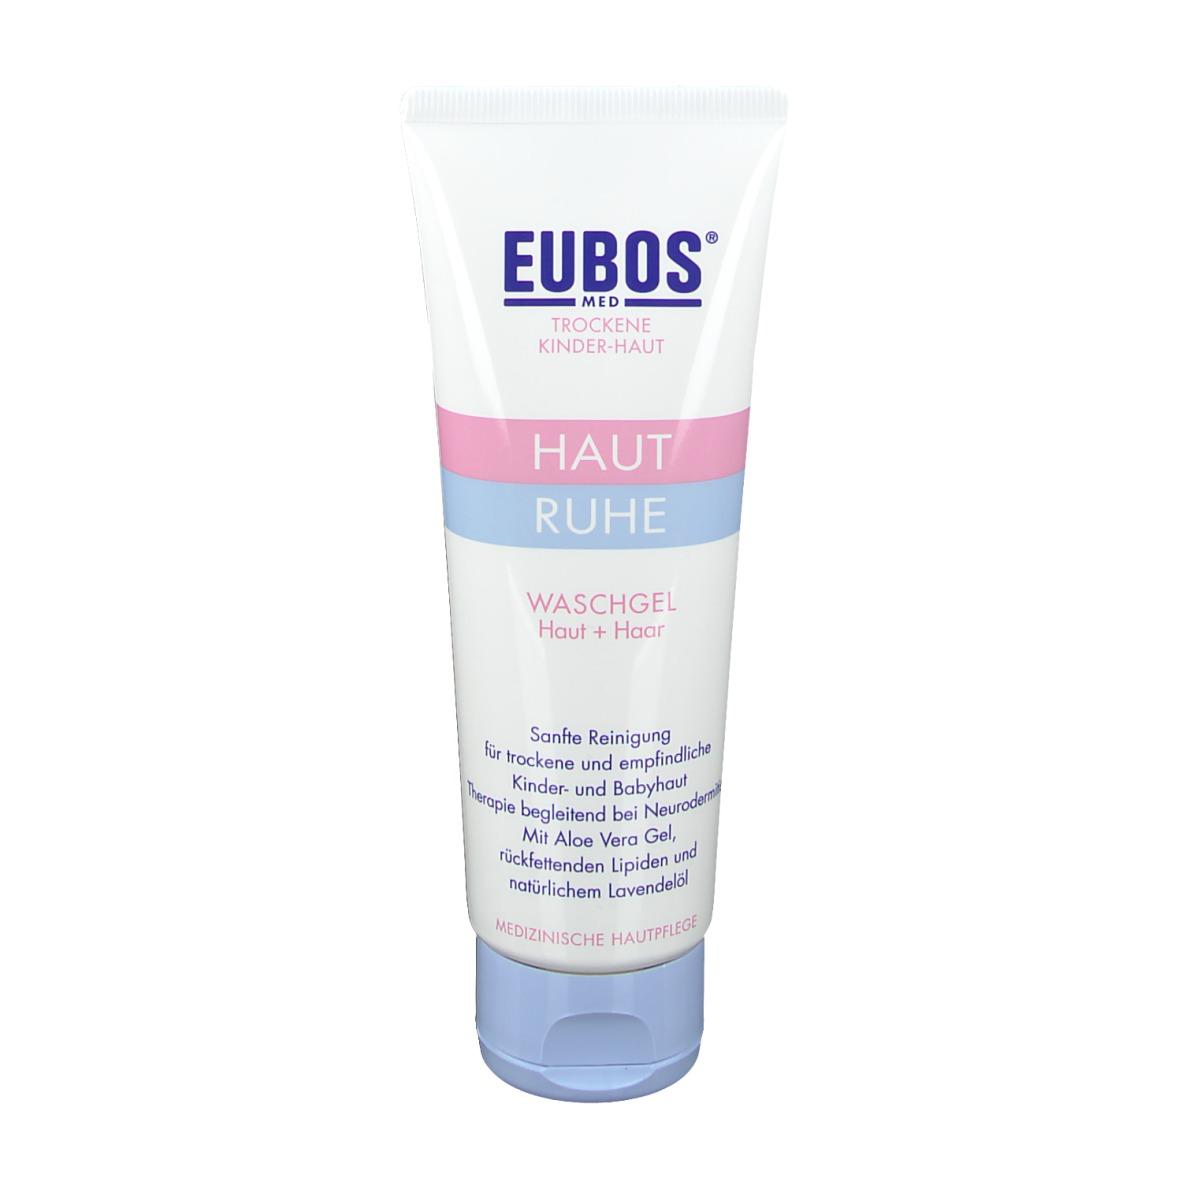 Eubos® MED Kinder Haut Ruhe Waschgel